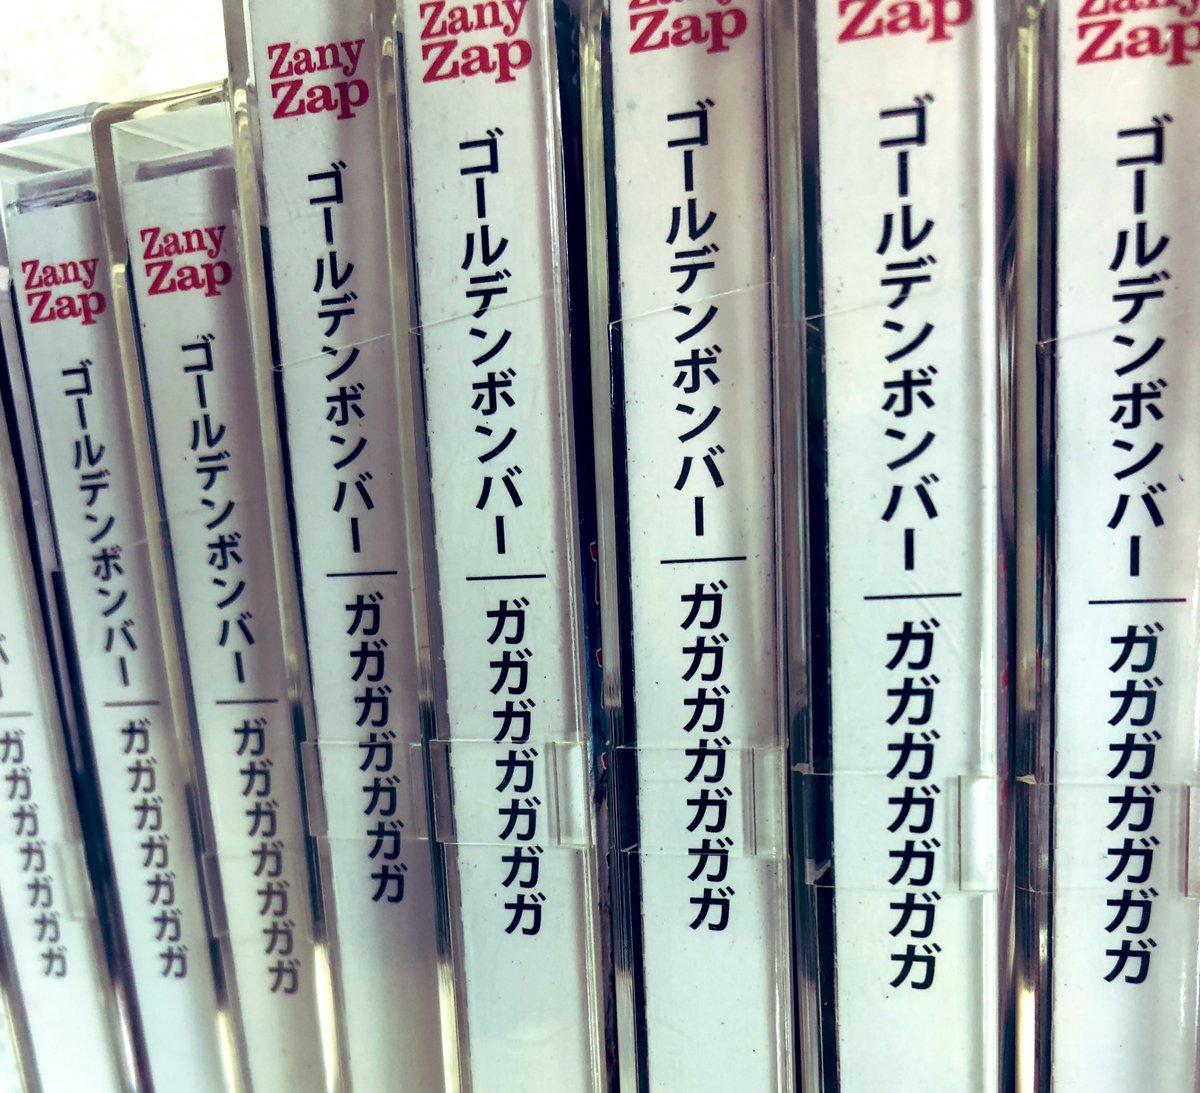 タワーレコード八王子店's photo on #CD入荷情報